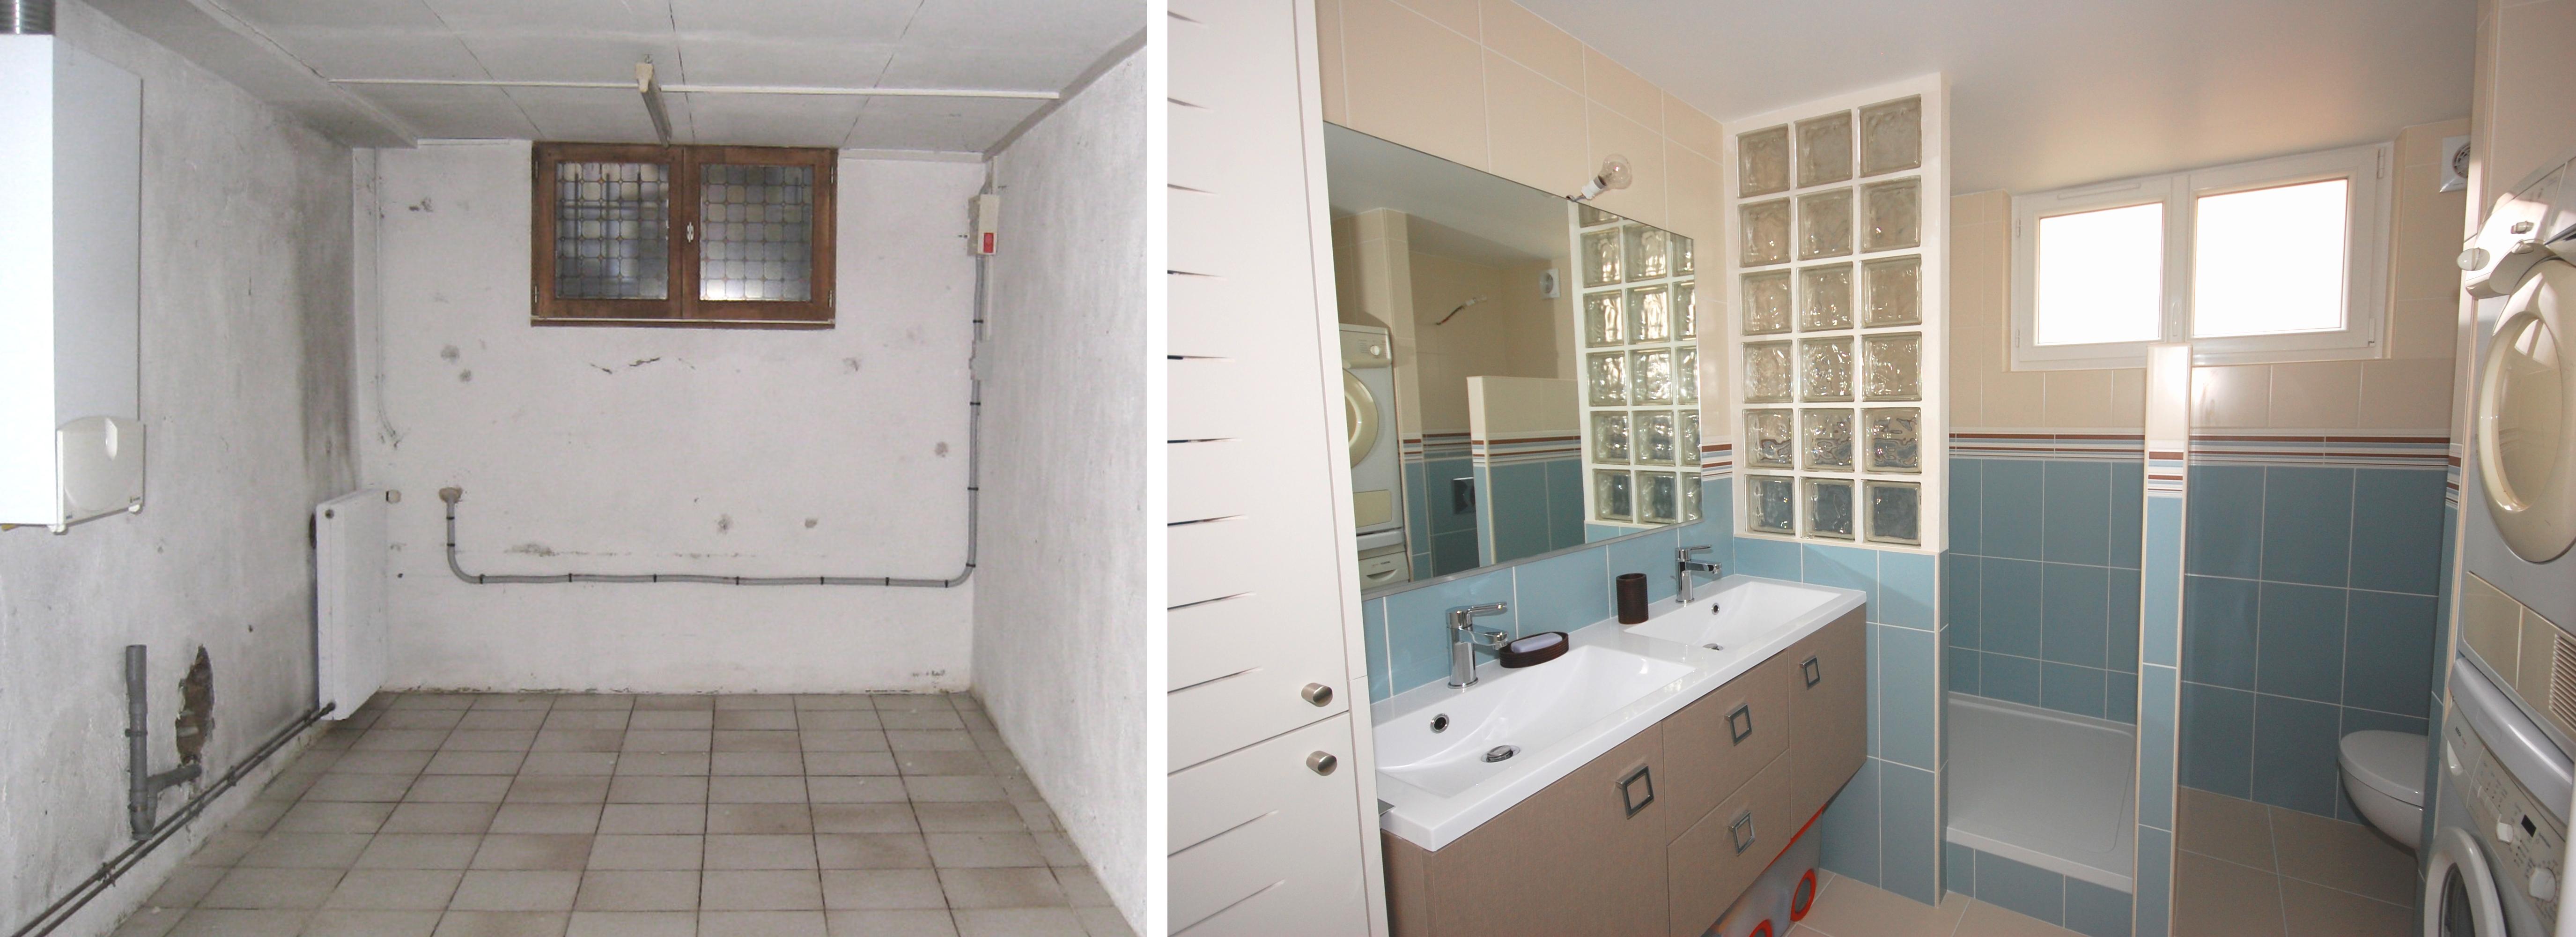 Gallery of rnovation duune maison de m with installer une - Installer une douche dans une chambre ...